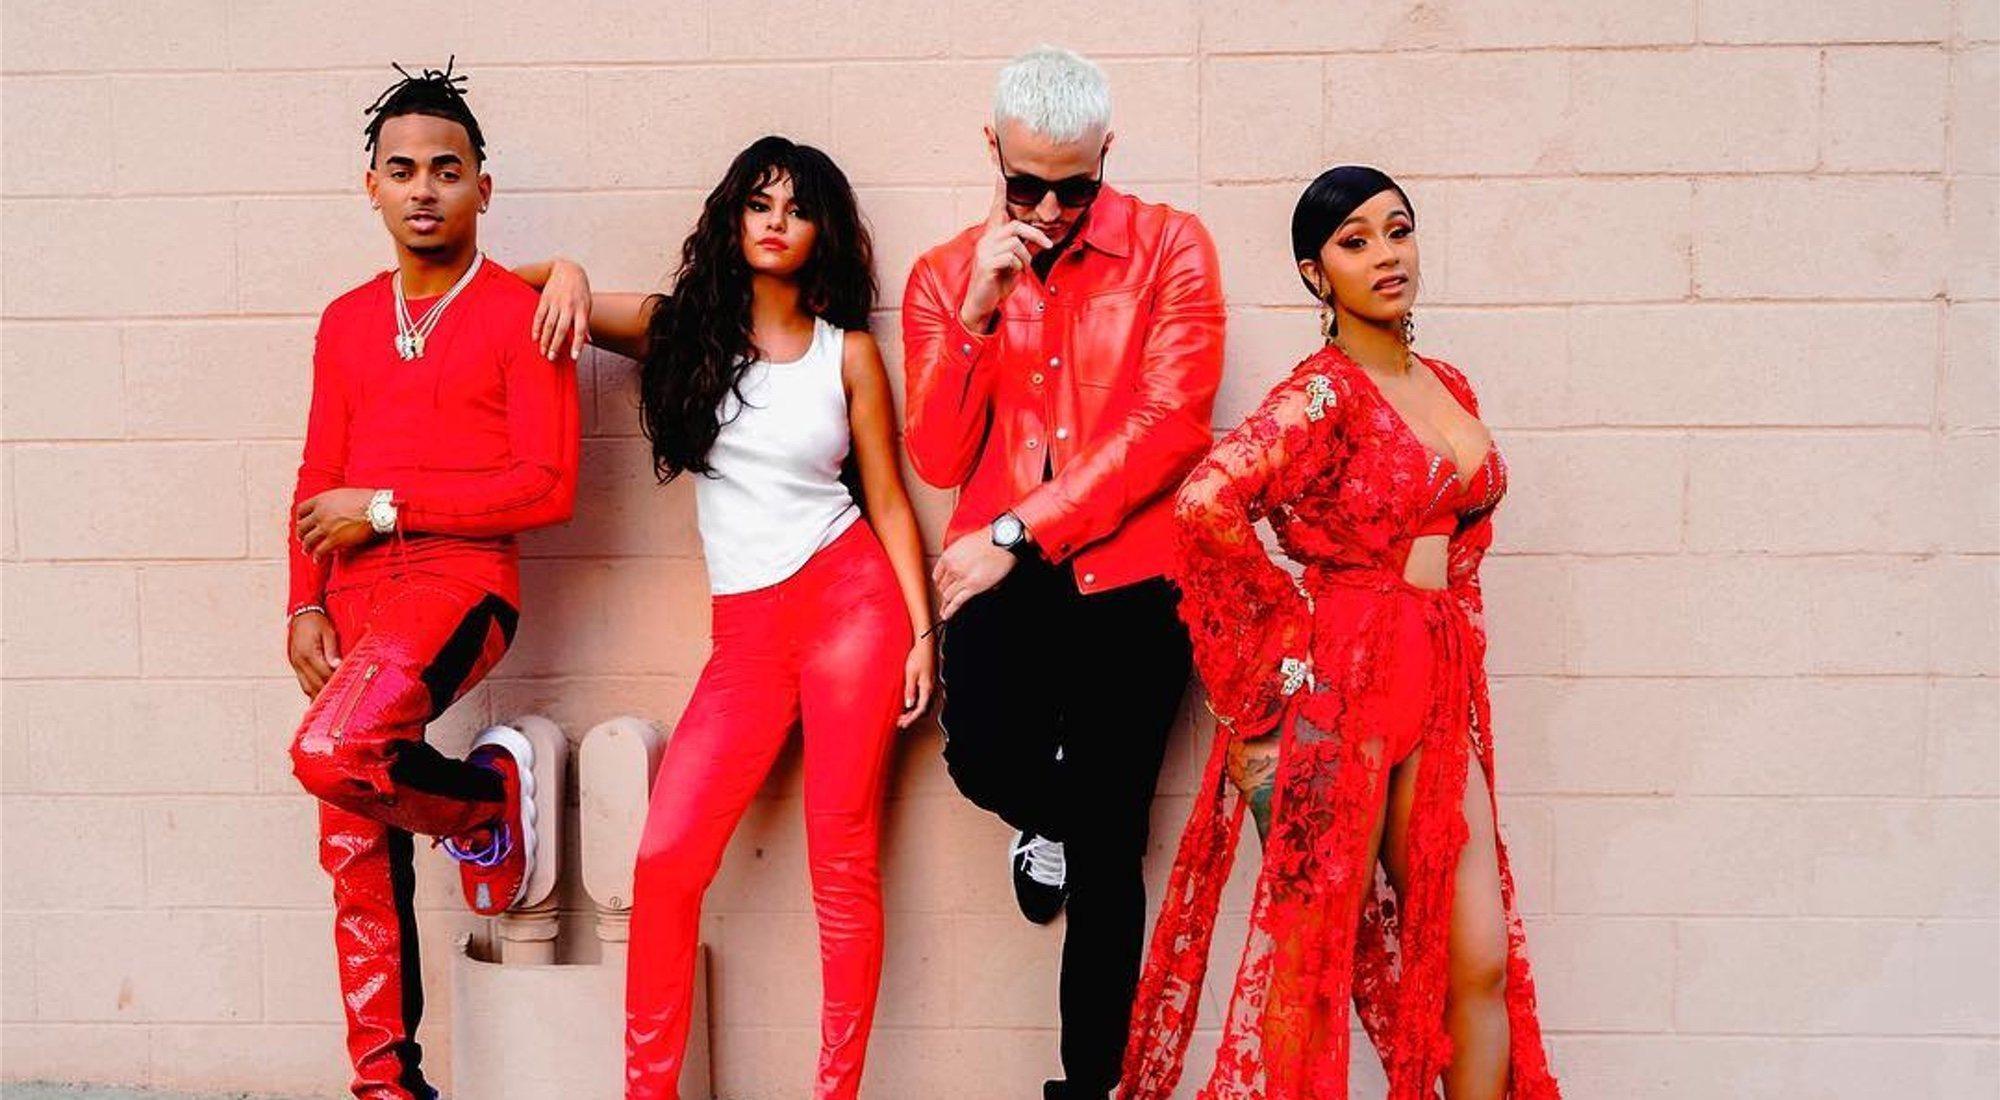 El reggaeton se une al rap, al pop y a la electrónica, y es hora de decir basta